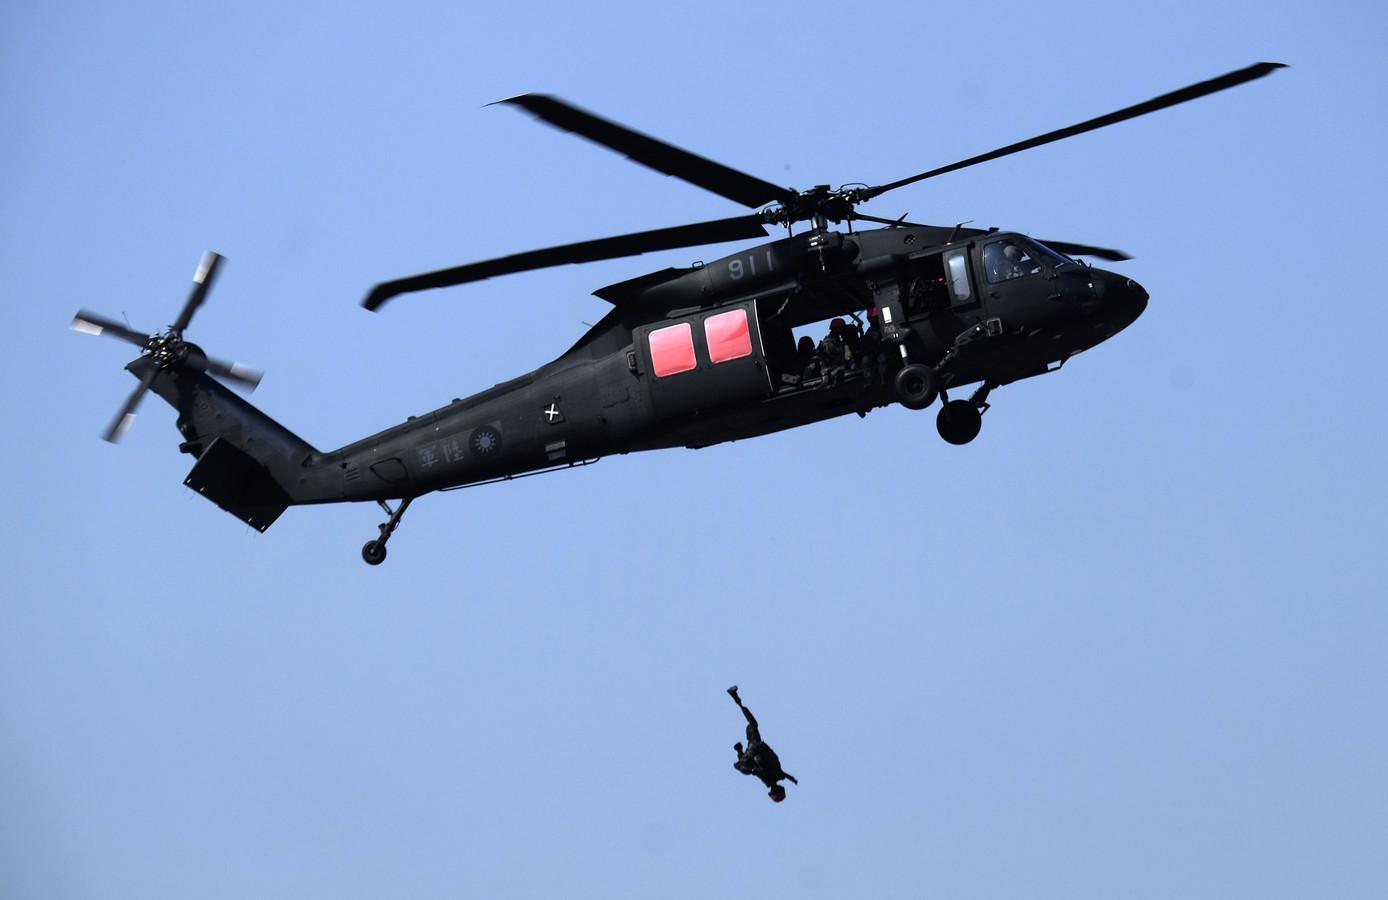 Bij een oefening met een Black Hawk op Taiwan oefenen militairen met een pop. Een Black Hawk van Zweden is een van de bijzondere toestellen die dinsdag landt op vliegbasis Gilze-Rijen voor een internationale oefening voor het redden van piloten in vijandig gebied.